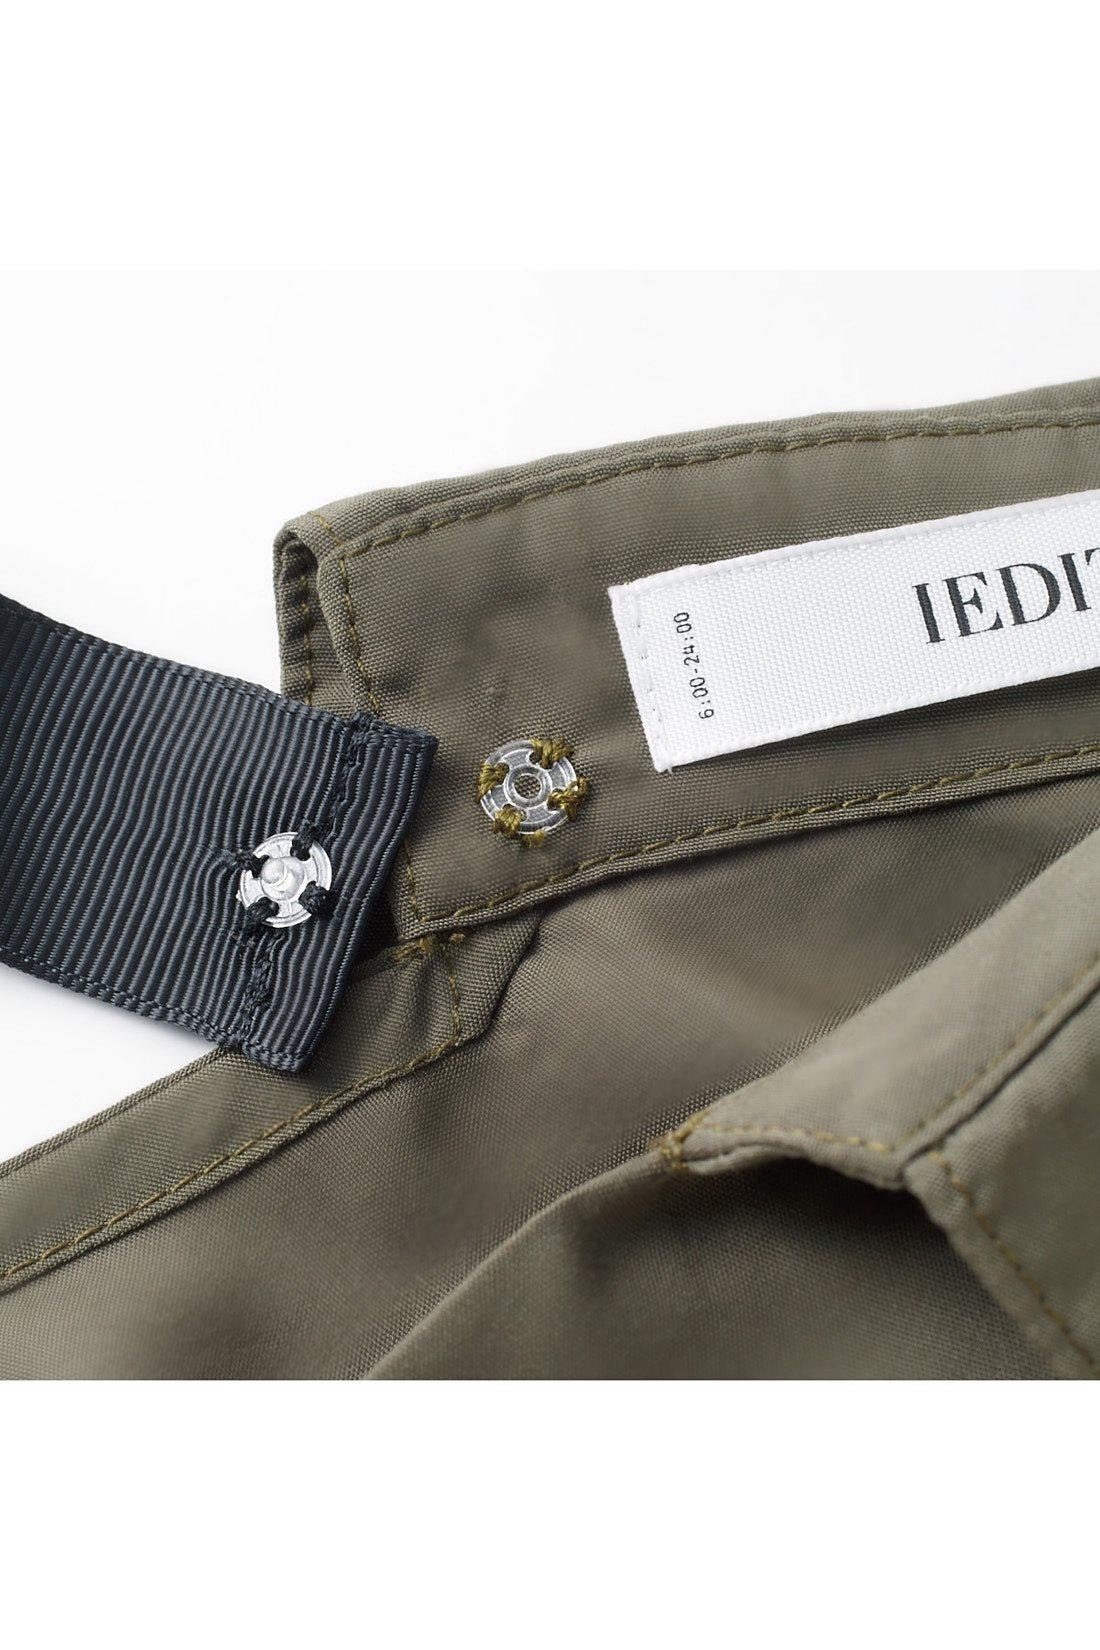 リボンはプラスチック製のスナップボタンを使用。簡単に取り外せるからお手入れもしやすい。